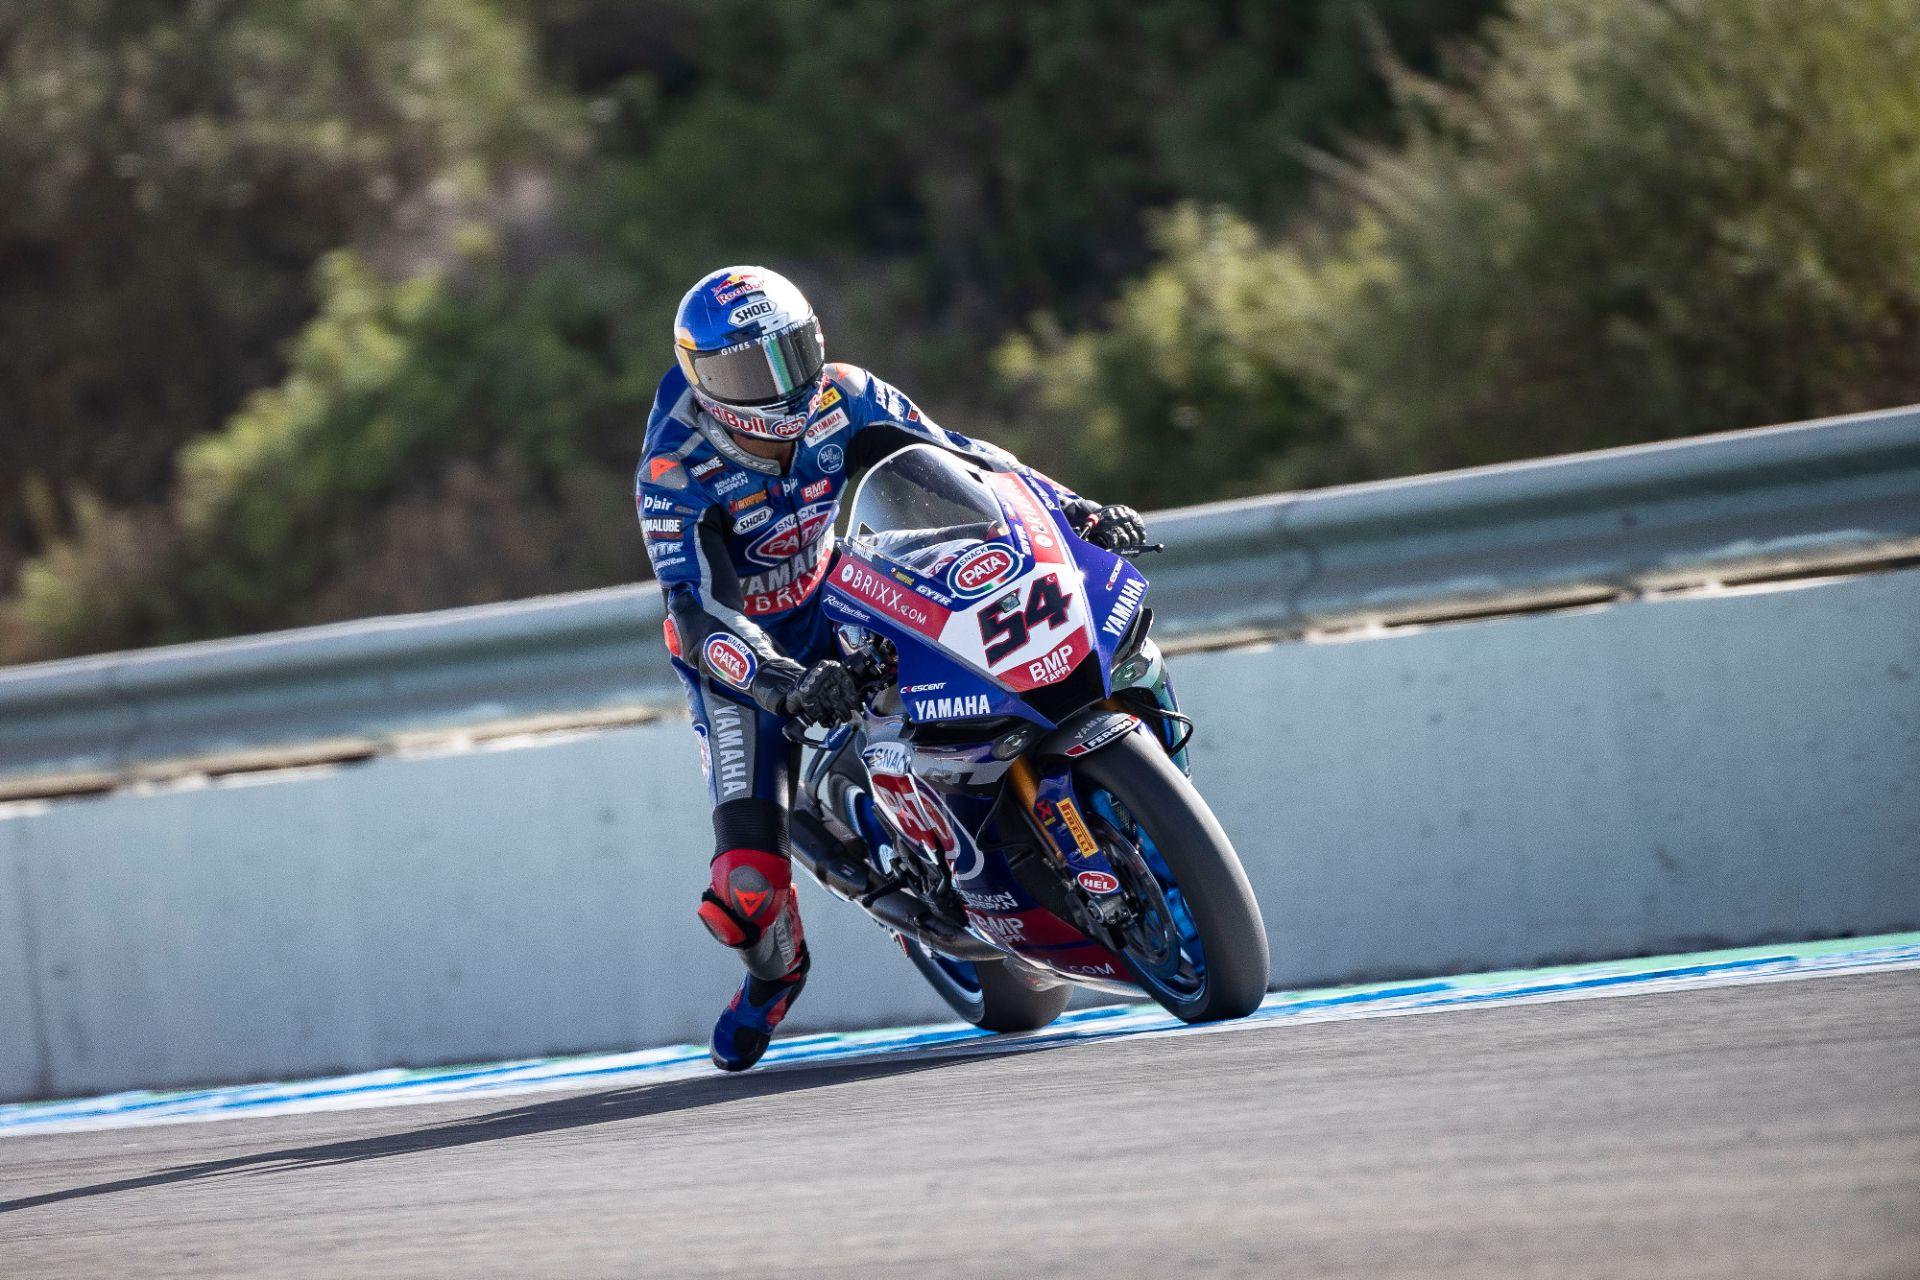 FIM スーパーバイク世界選手権(SBK)ヘレス戦 トプラック・ラズガトリオグル「今回だけは週末の結果を喜べない」